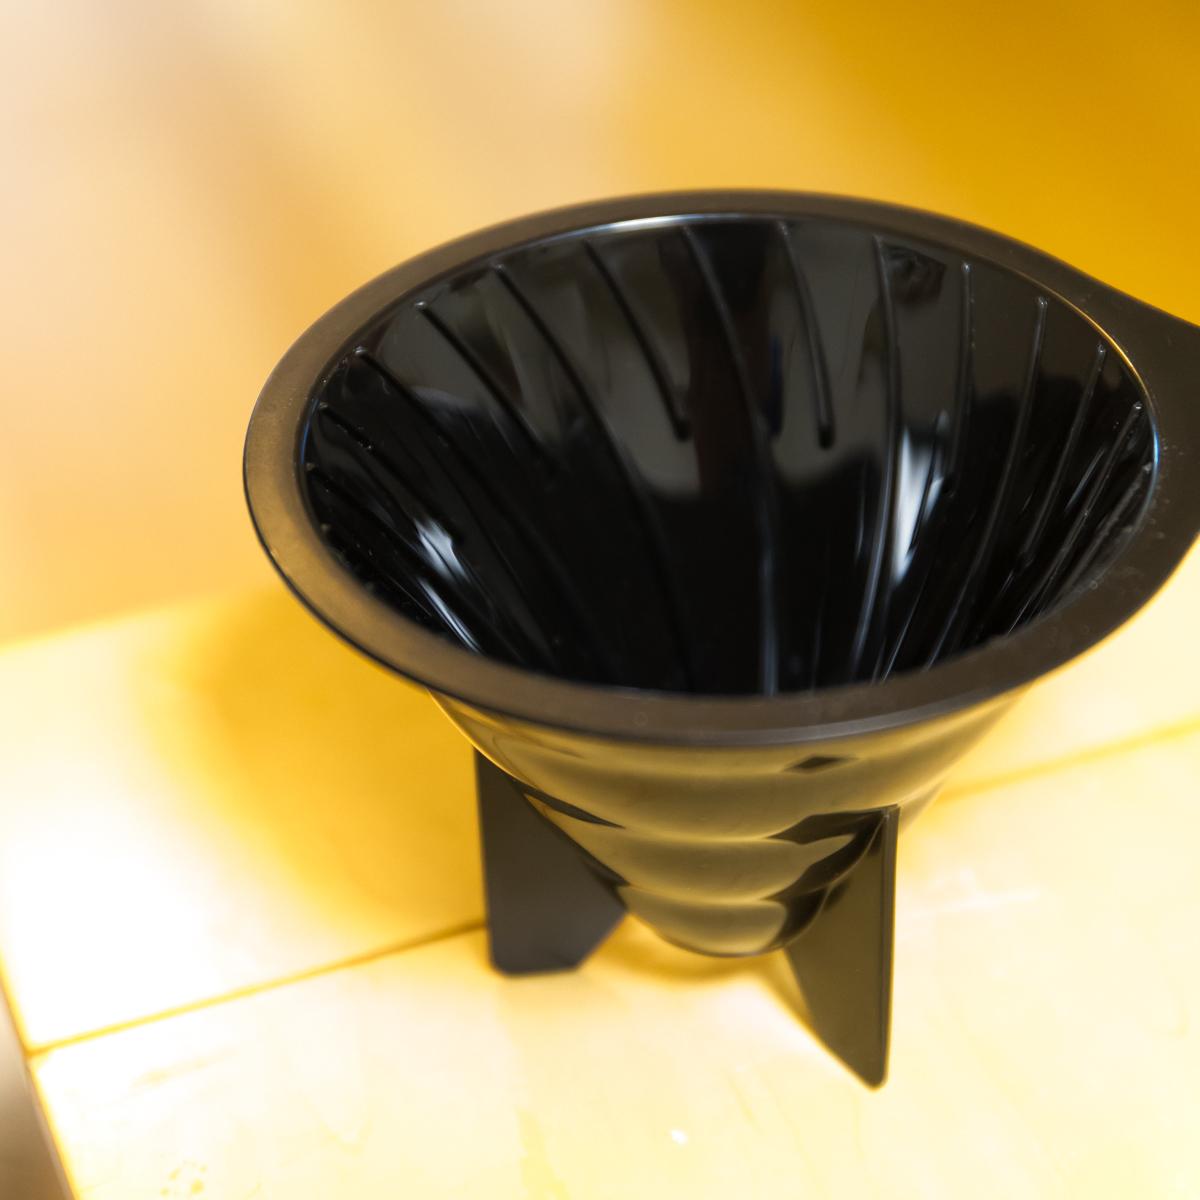 ドリップコーヒー器具(10)